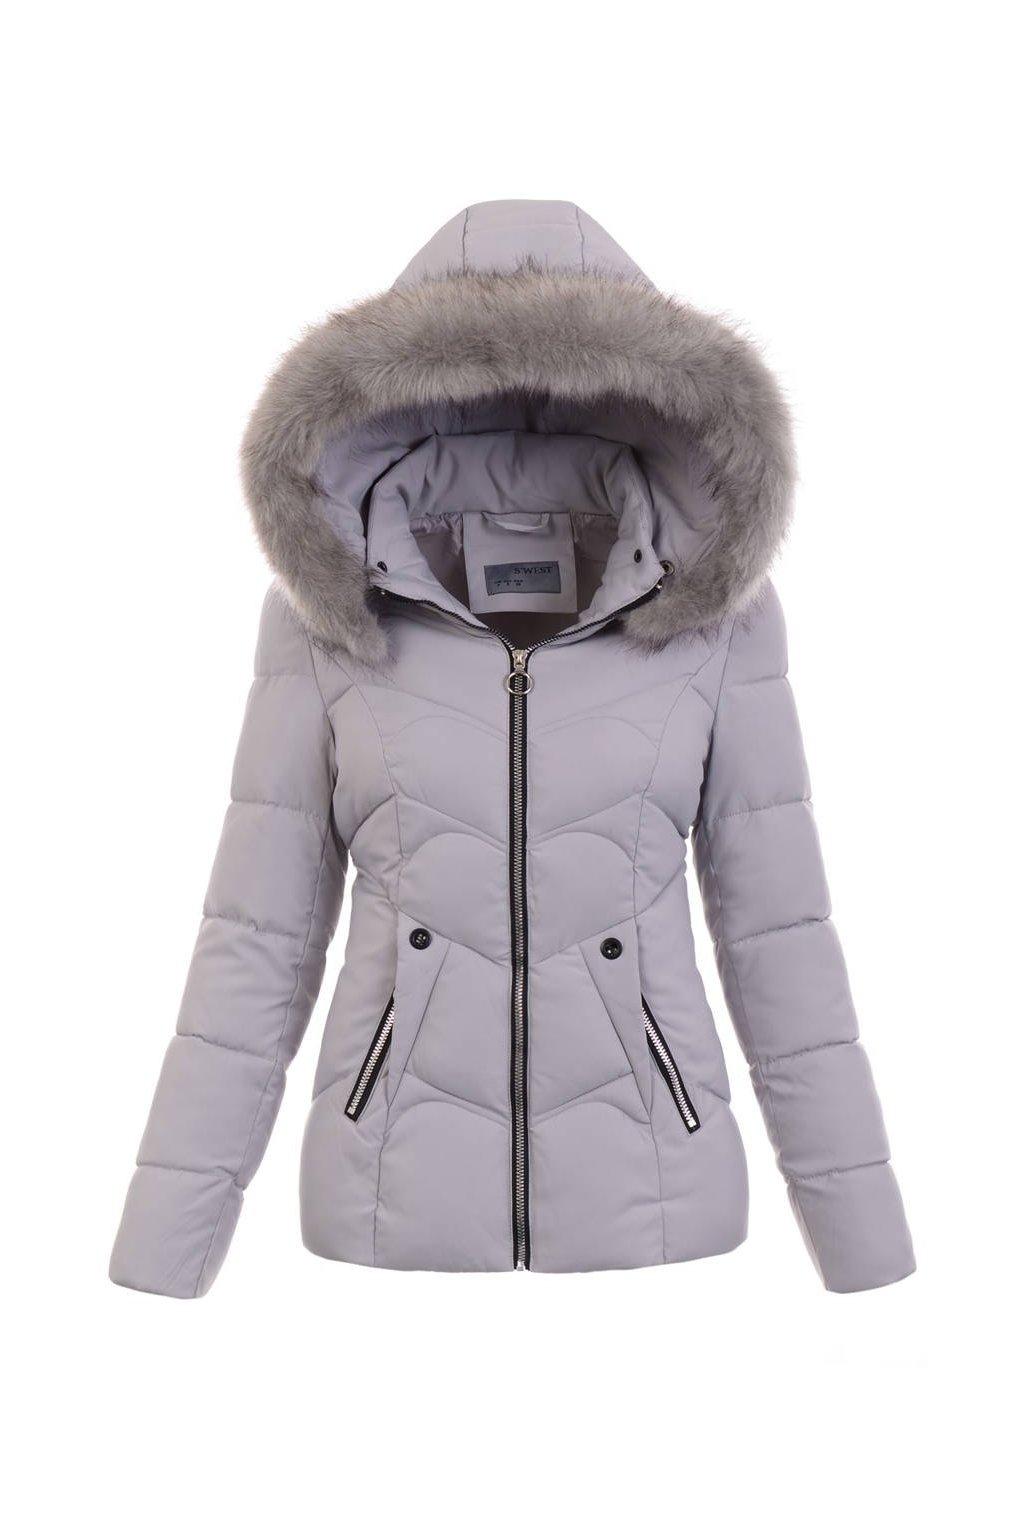 Dámska zimná bunda s kapucňo 5137 šedá